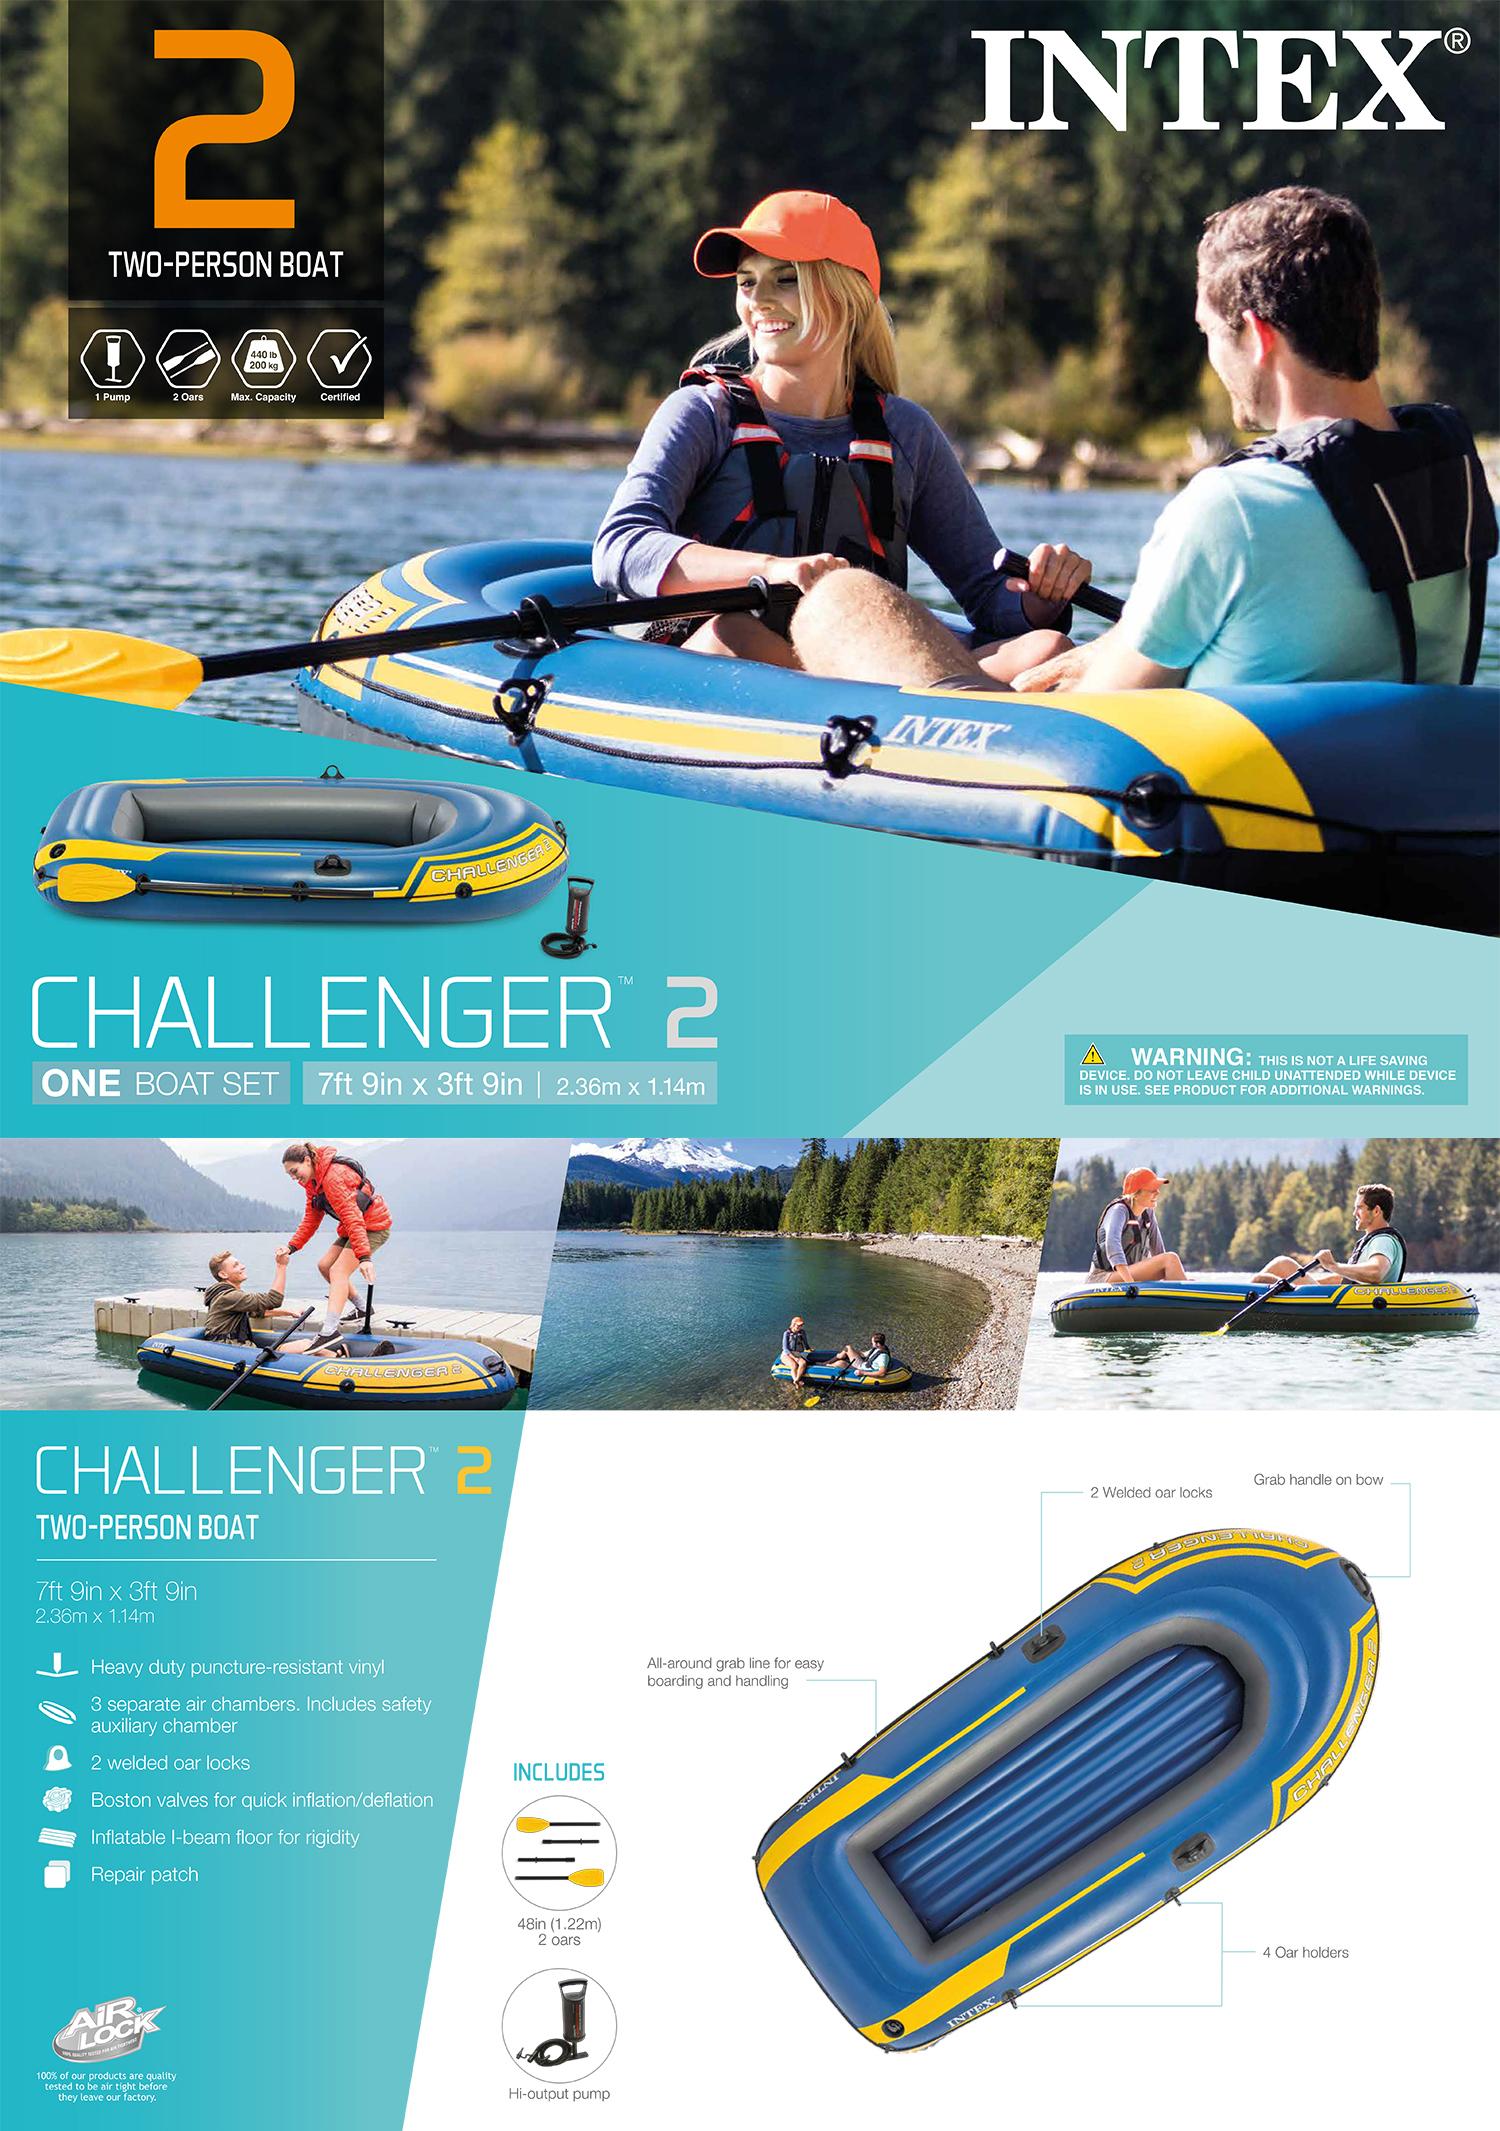 Challenger 2 Boat Set